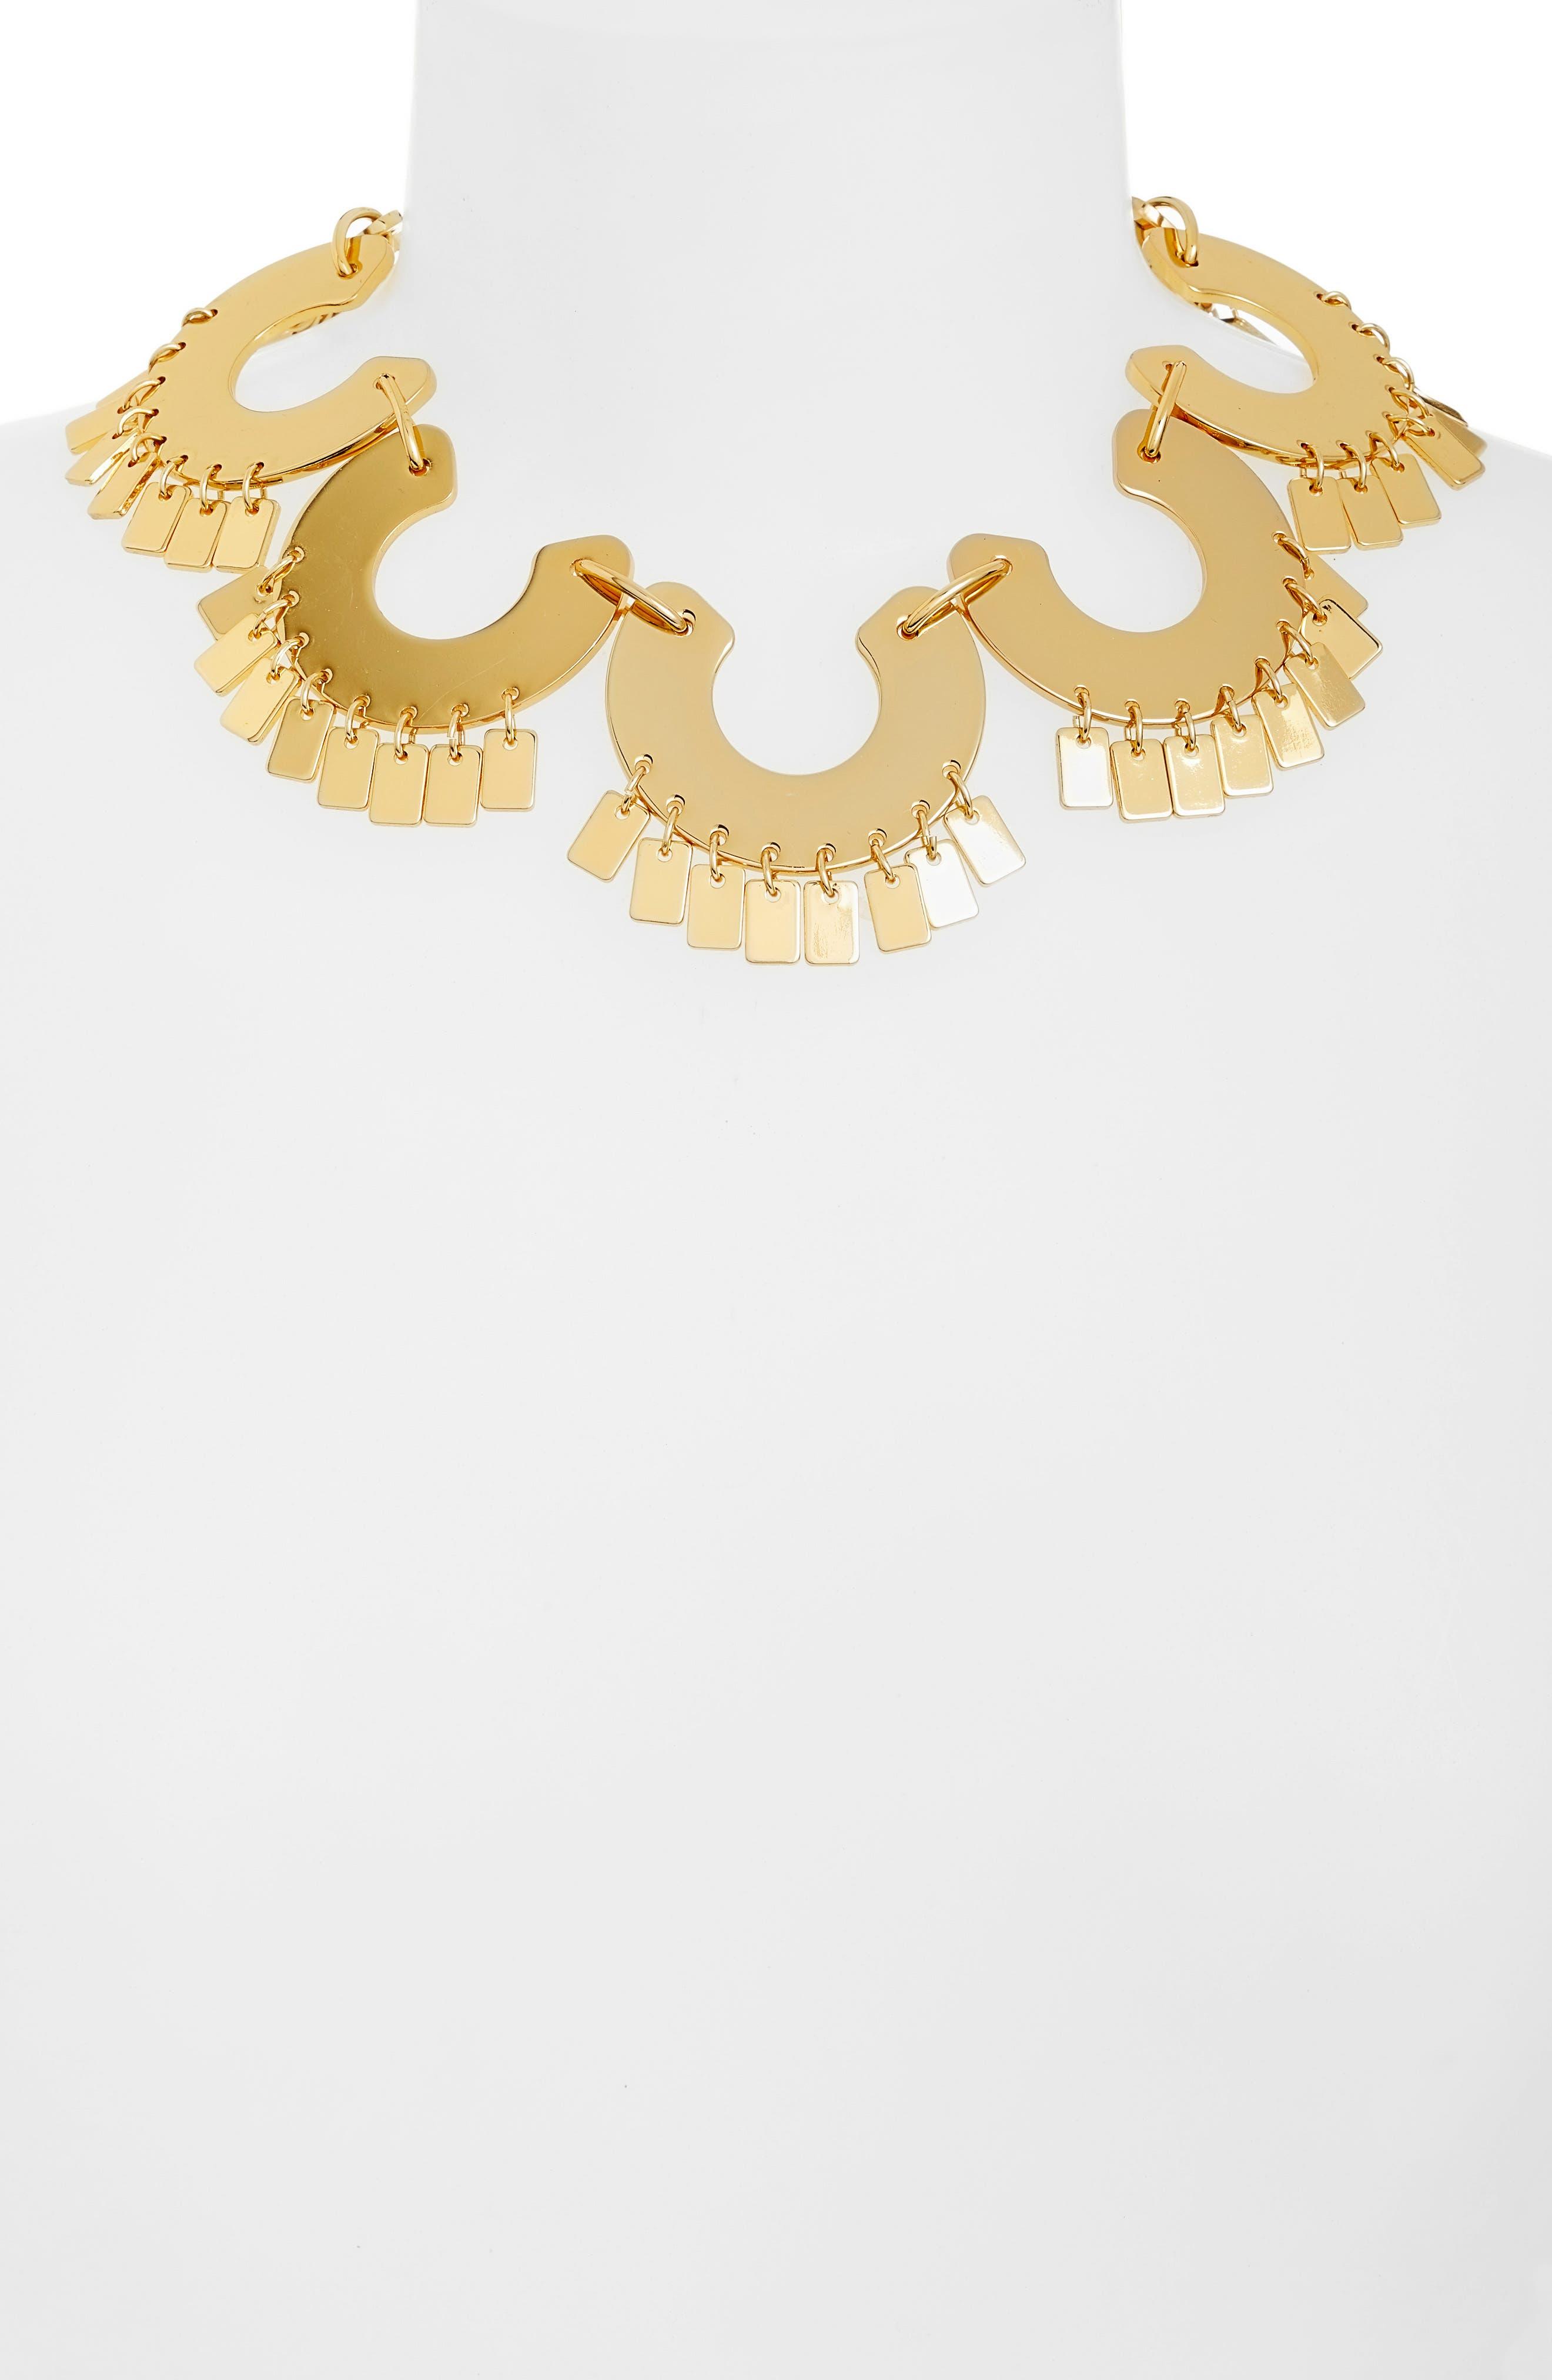 Piñata Collar Necklace,                             Alternate thumbnail 2, color,                             GOLD